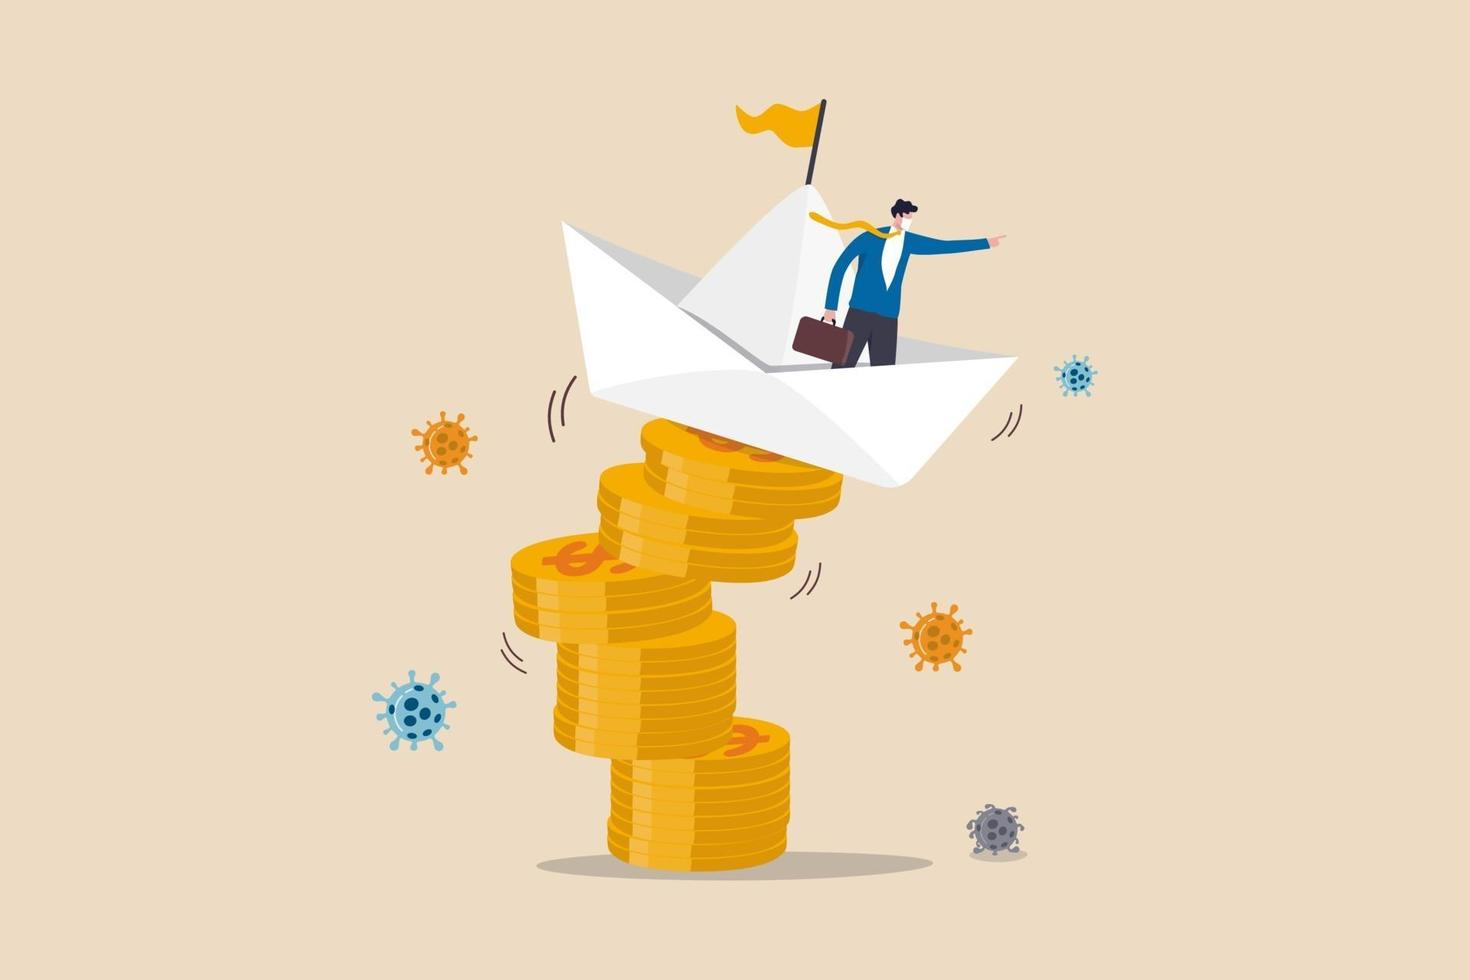 liderazgo para resolver problemas de negocios y finanzas en el concepto de crisis del coronavirus covid-19, el líder del empresario comanda un bote de origami inestable en una pila de monedas de dinero en dólares con el patógeno del coronavirus. vector